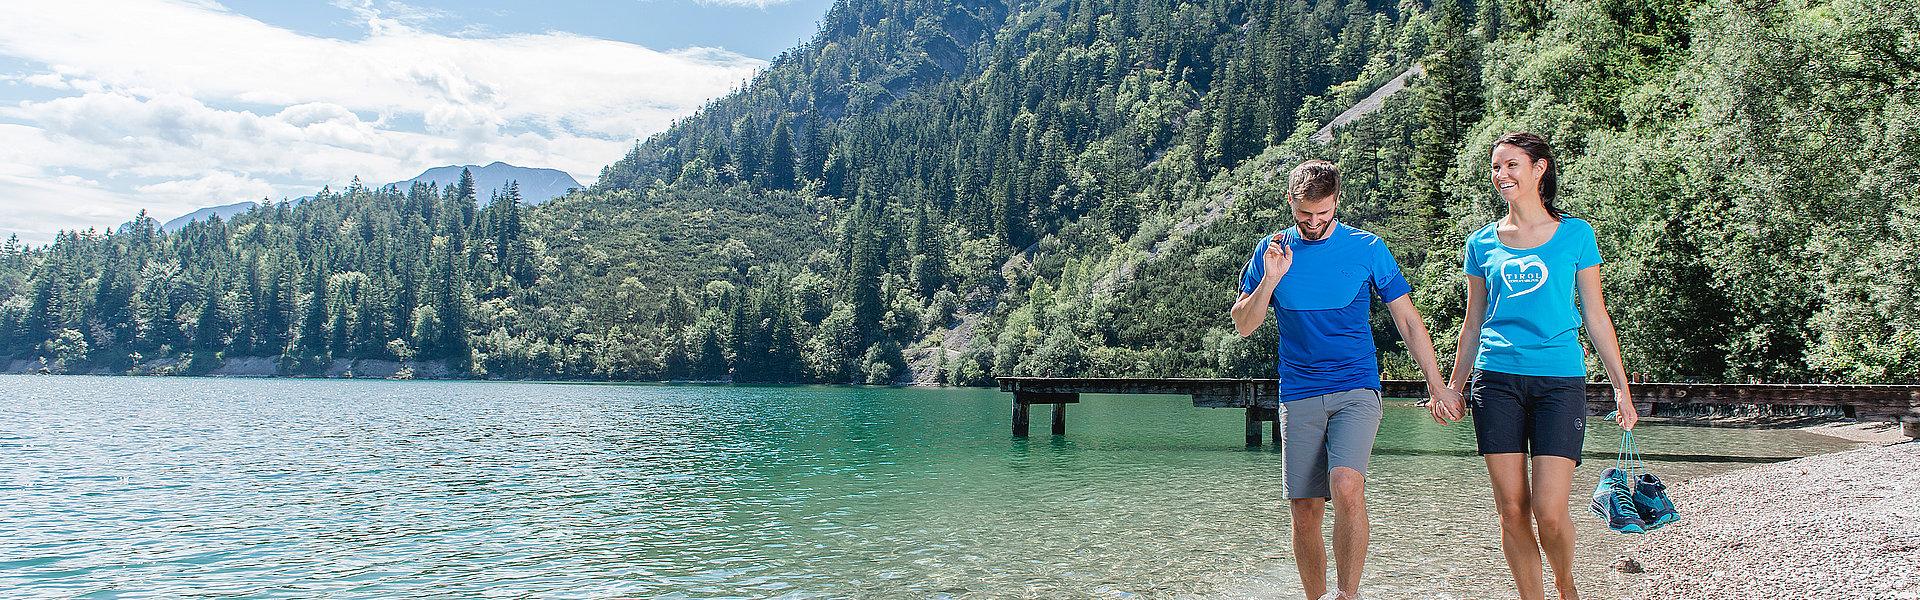 Erholsame Tage im Sommer am Achensee | © Achensee Tourismus